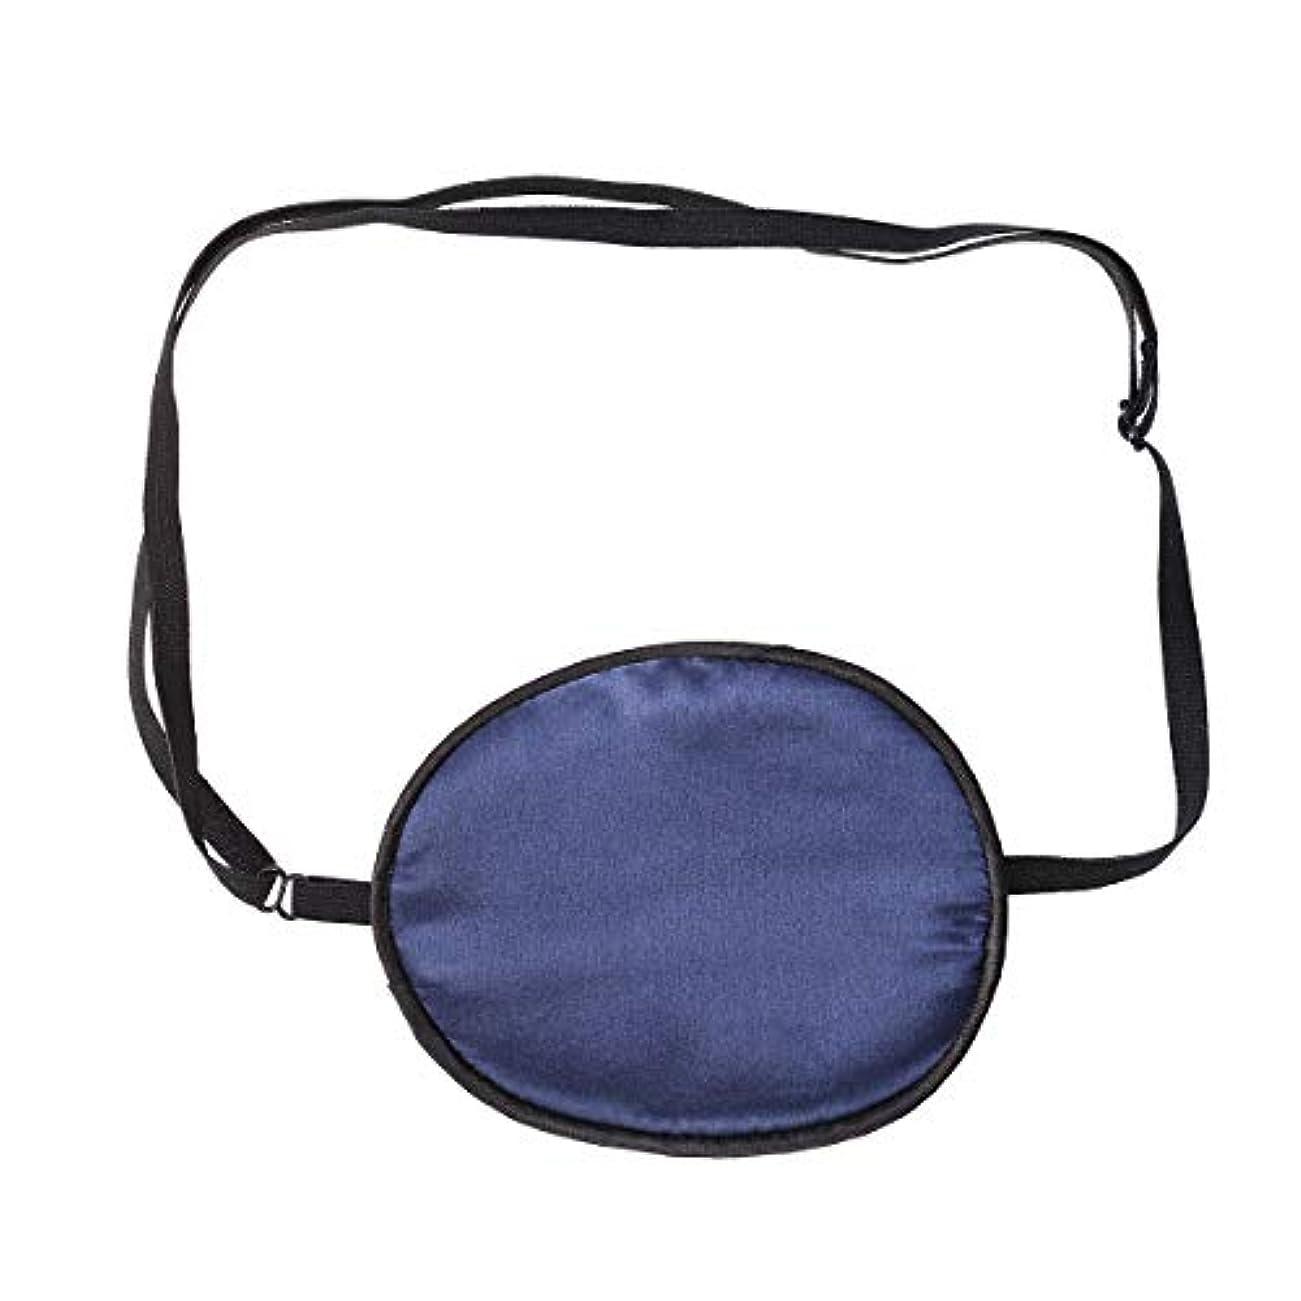 略す水を飲む類似性Healifty 弱視斜視用のアイパッチシングルアイマスク調節可能なアイカバー